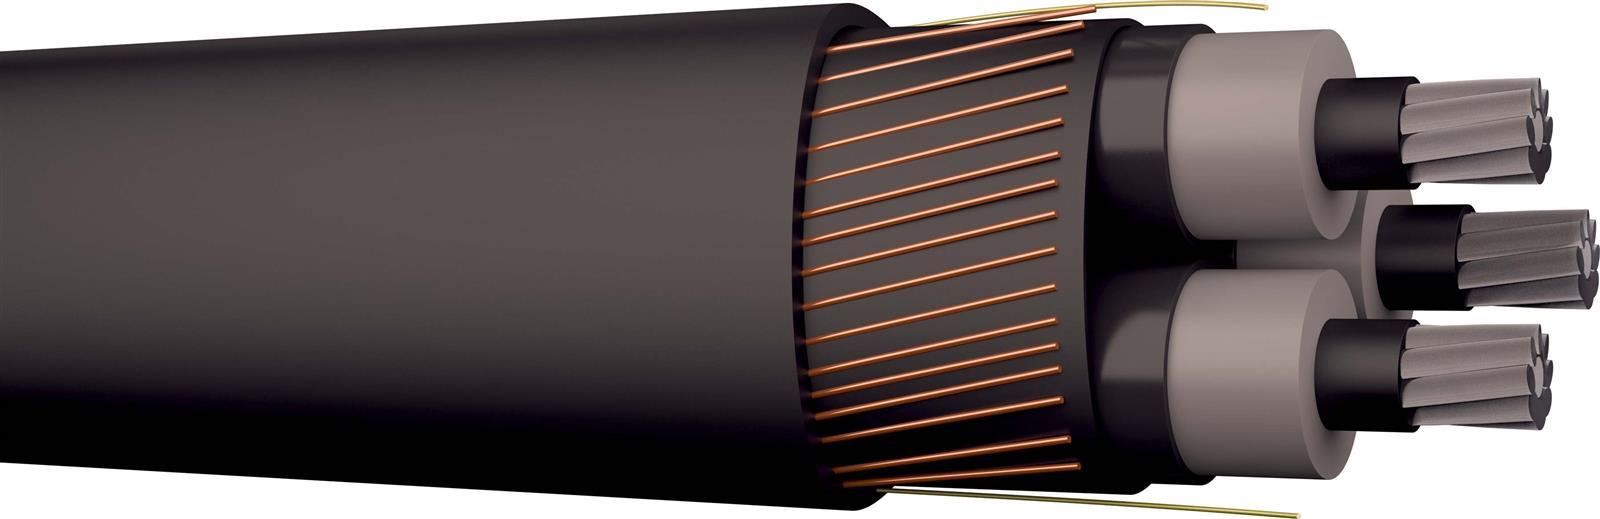 AXLJ-RMF-KOMBI 3X25/16 12KV T500/K22